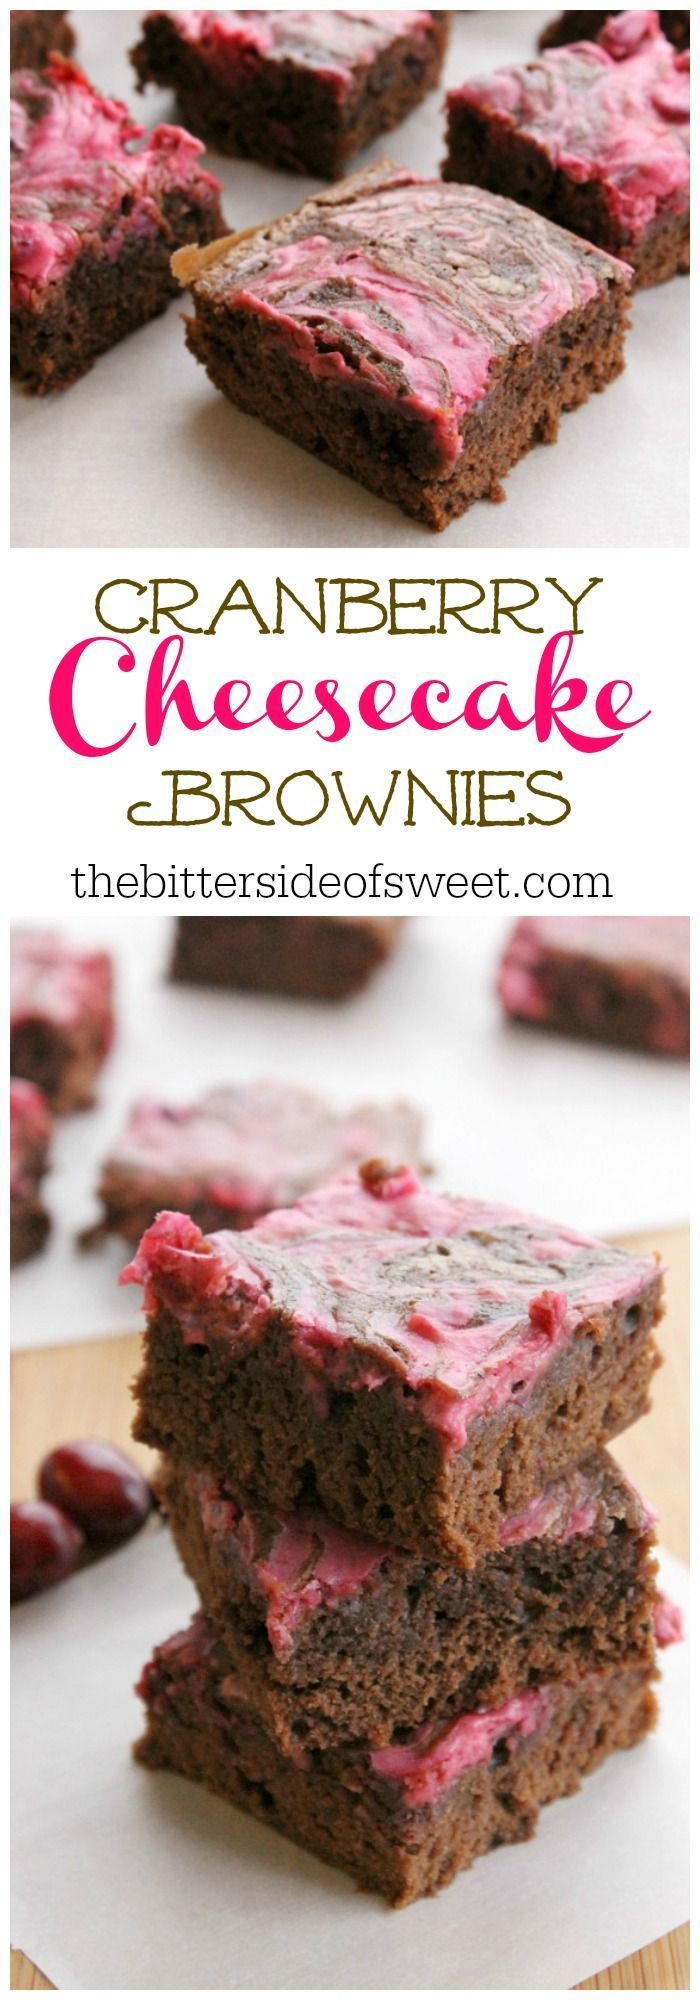 Cranberry Cheesecake Brownies | Die bittere Seite von Sweet